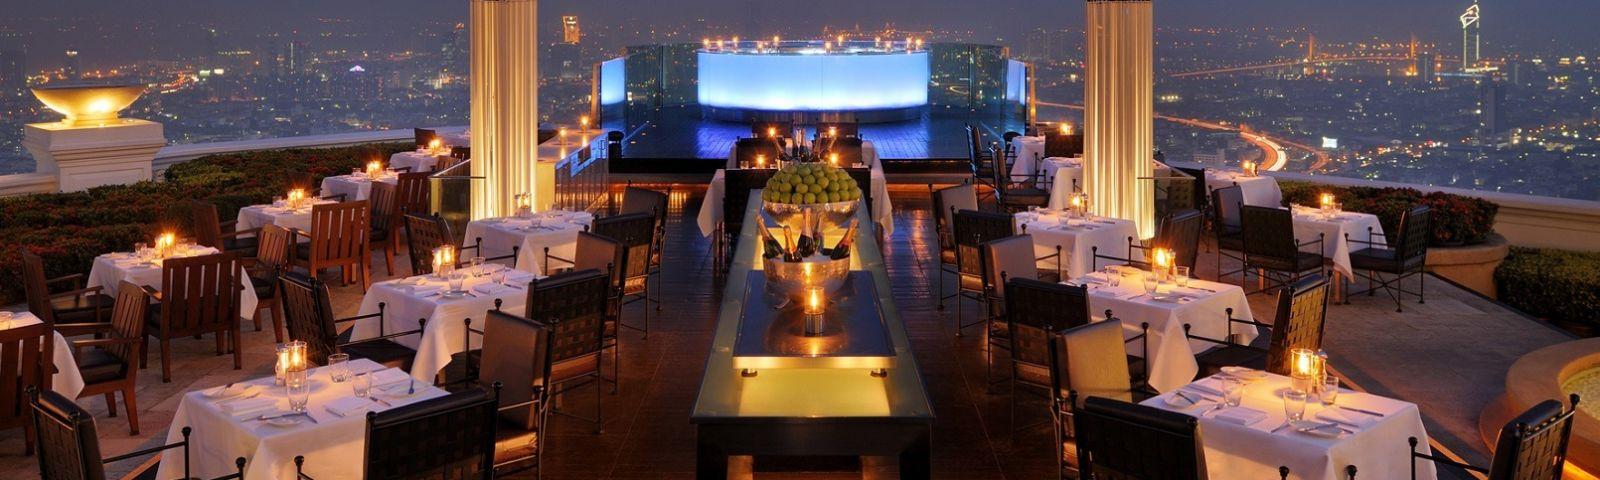 Spektakulärer Blick auf die Dachterrasse der Lebua Sky Bar in Thailand